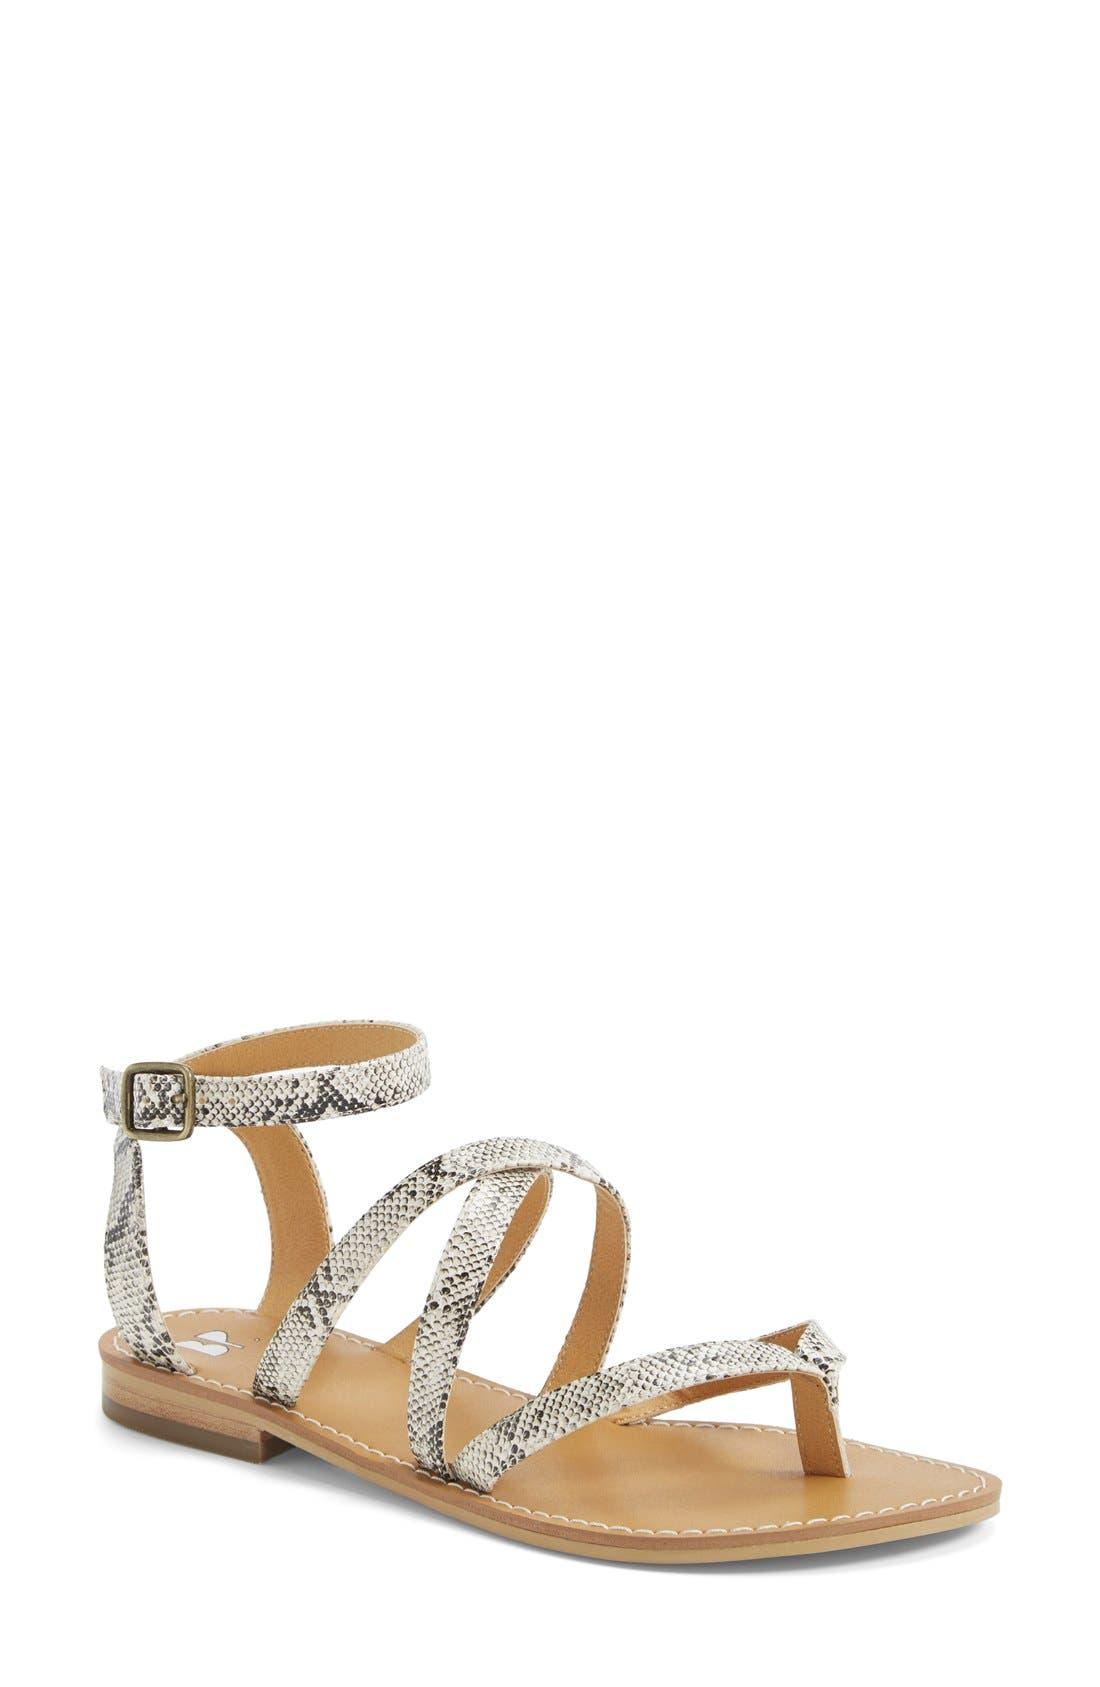 Main Image - BP. 'Adriatic' Sandal (Women)